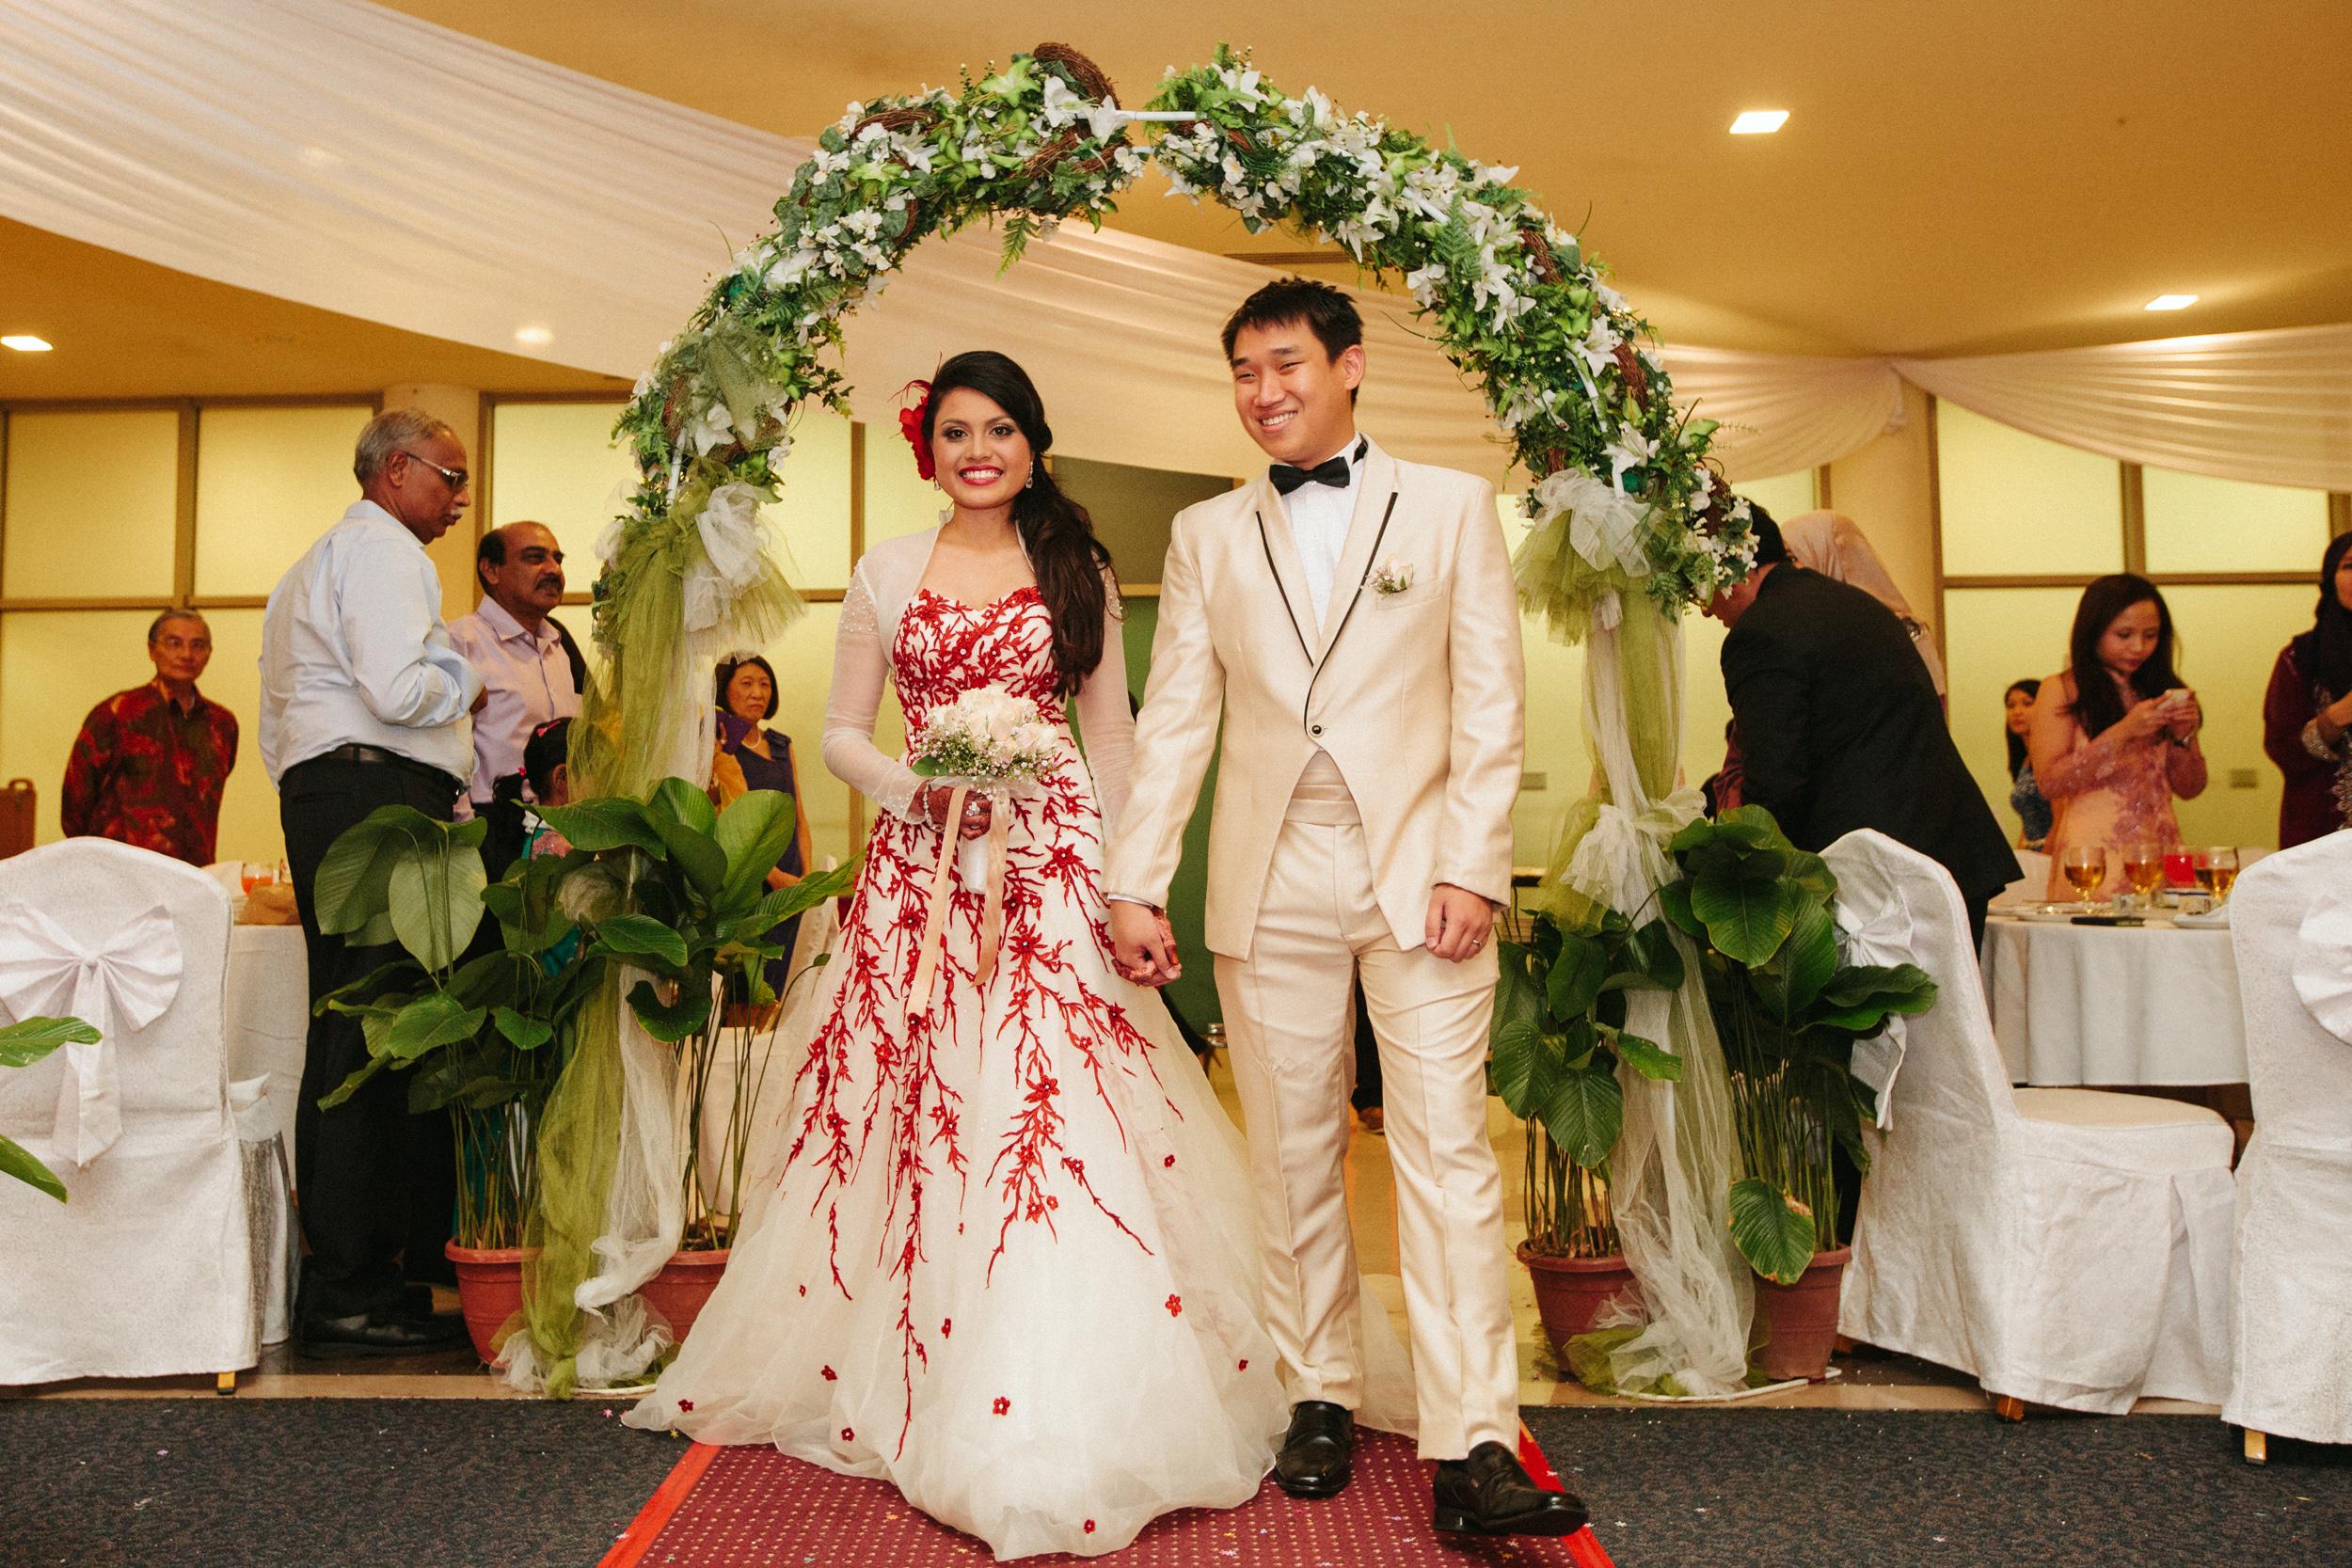 singapore-wedding-photographer-wemadethese-shikin-yanho-067.jpg